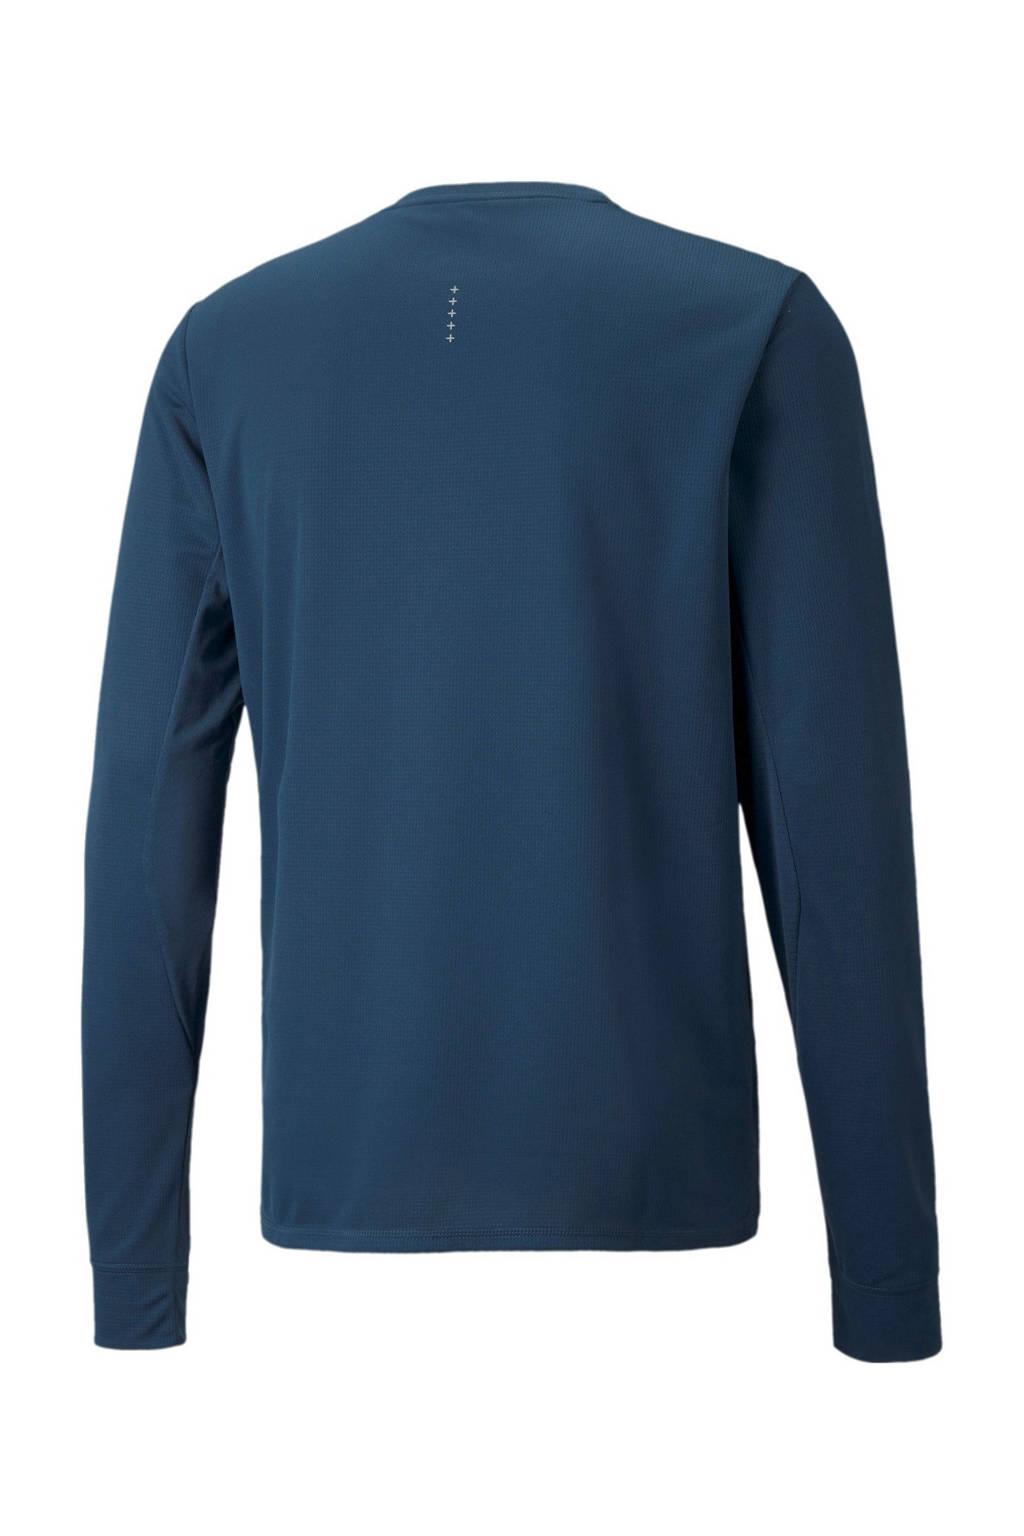 Puma   hardloopshirt donkerblauw, Donkerblauw